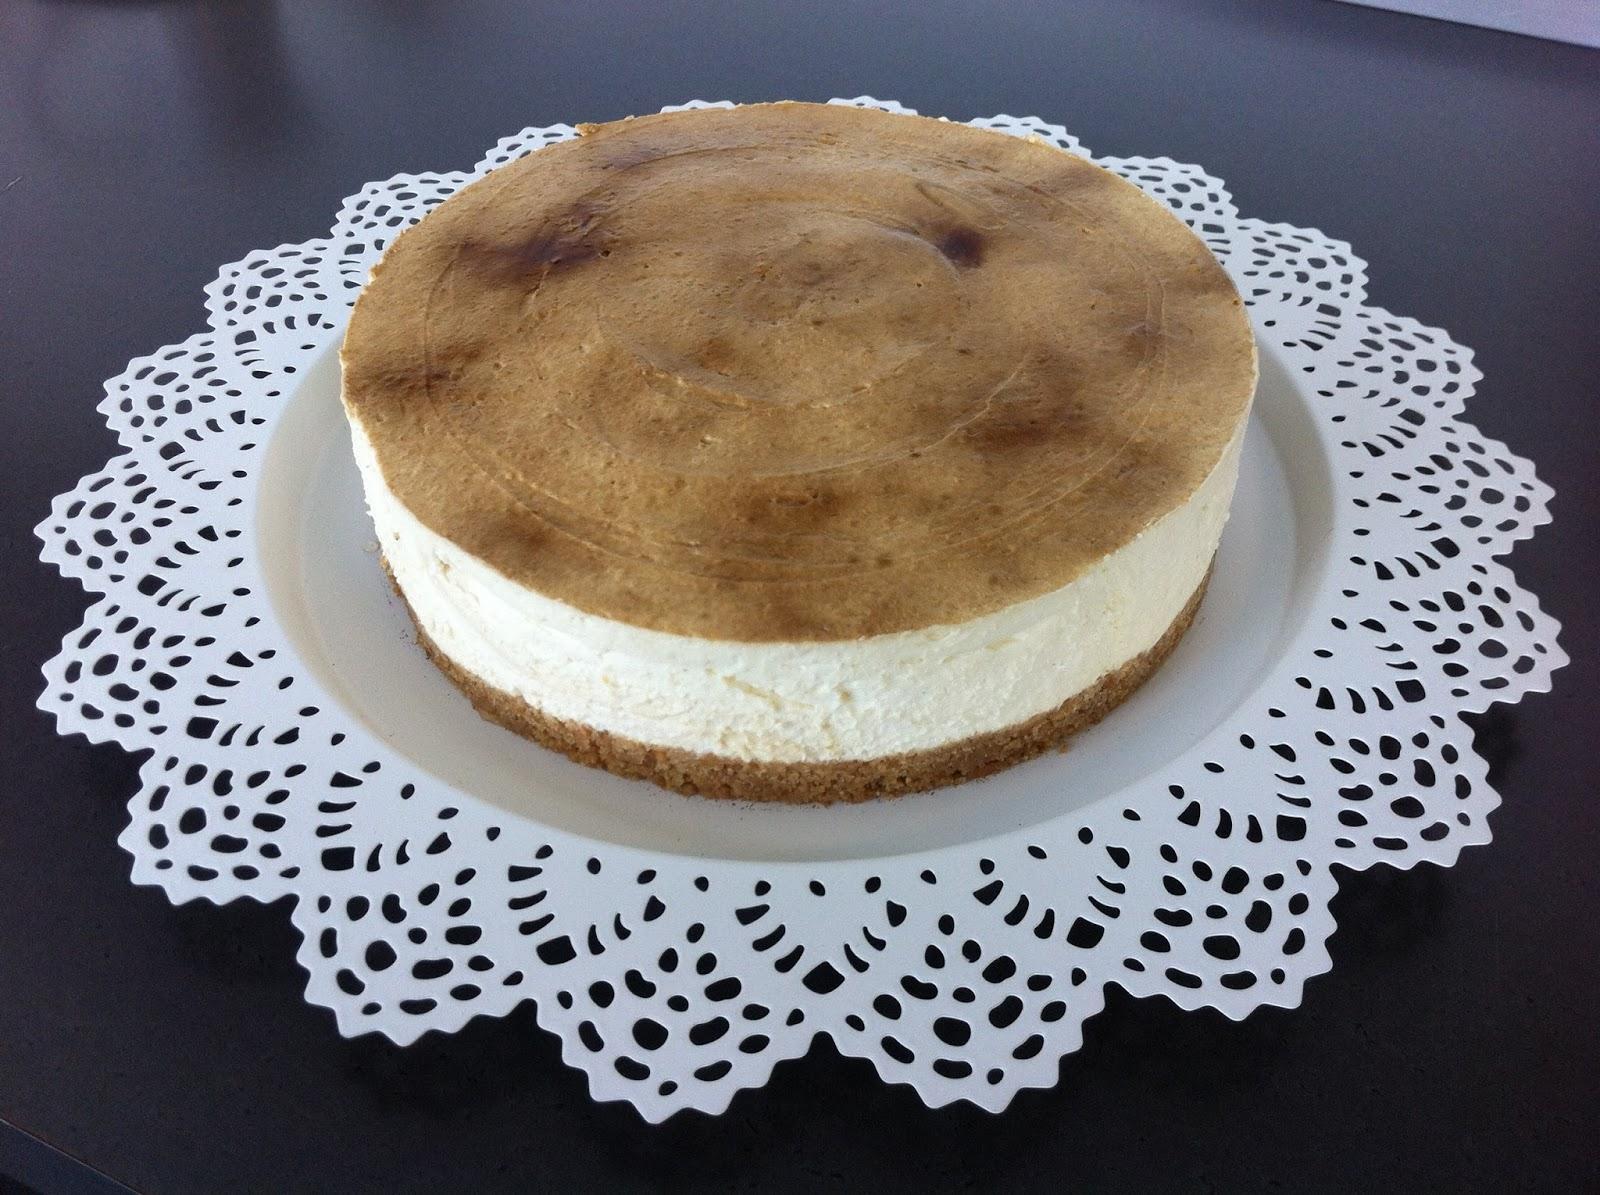 MULLEHUSET.DK: Cheesecake med citron og lakrids